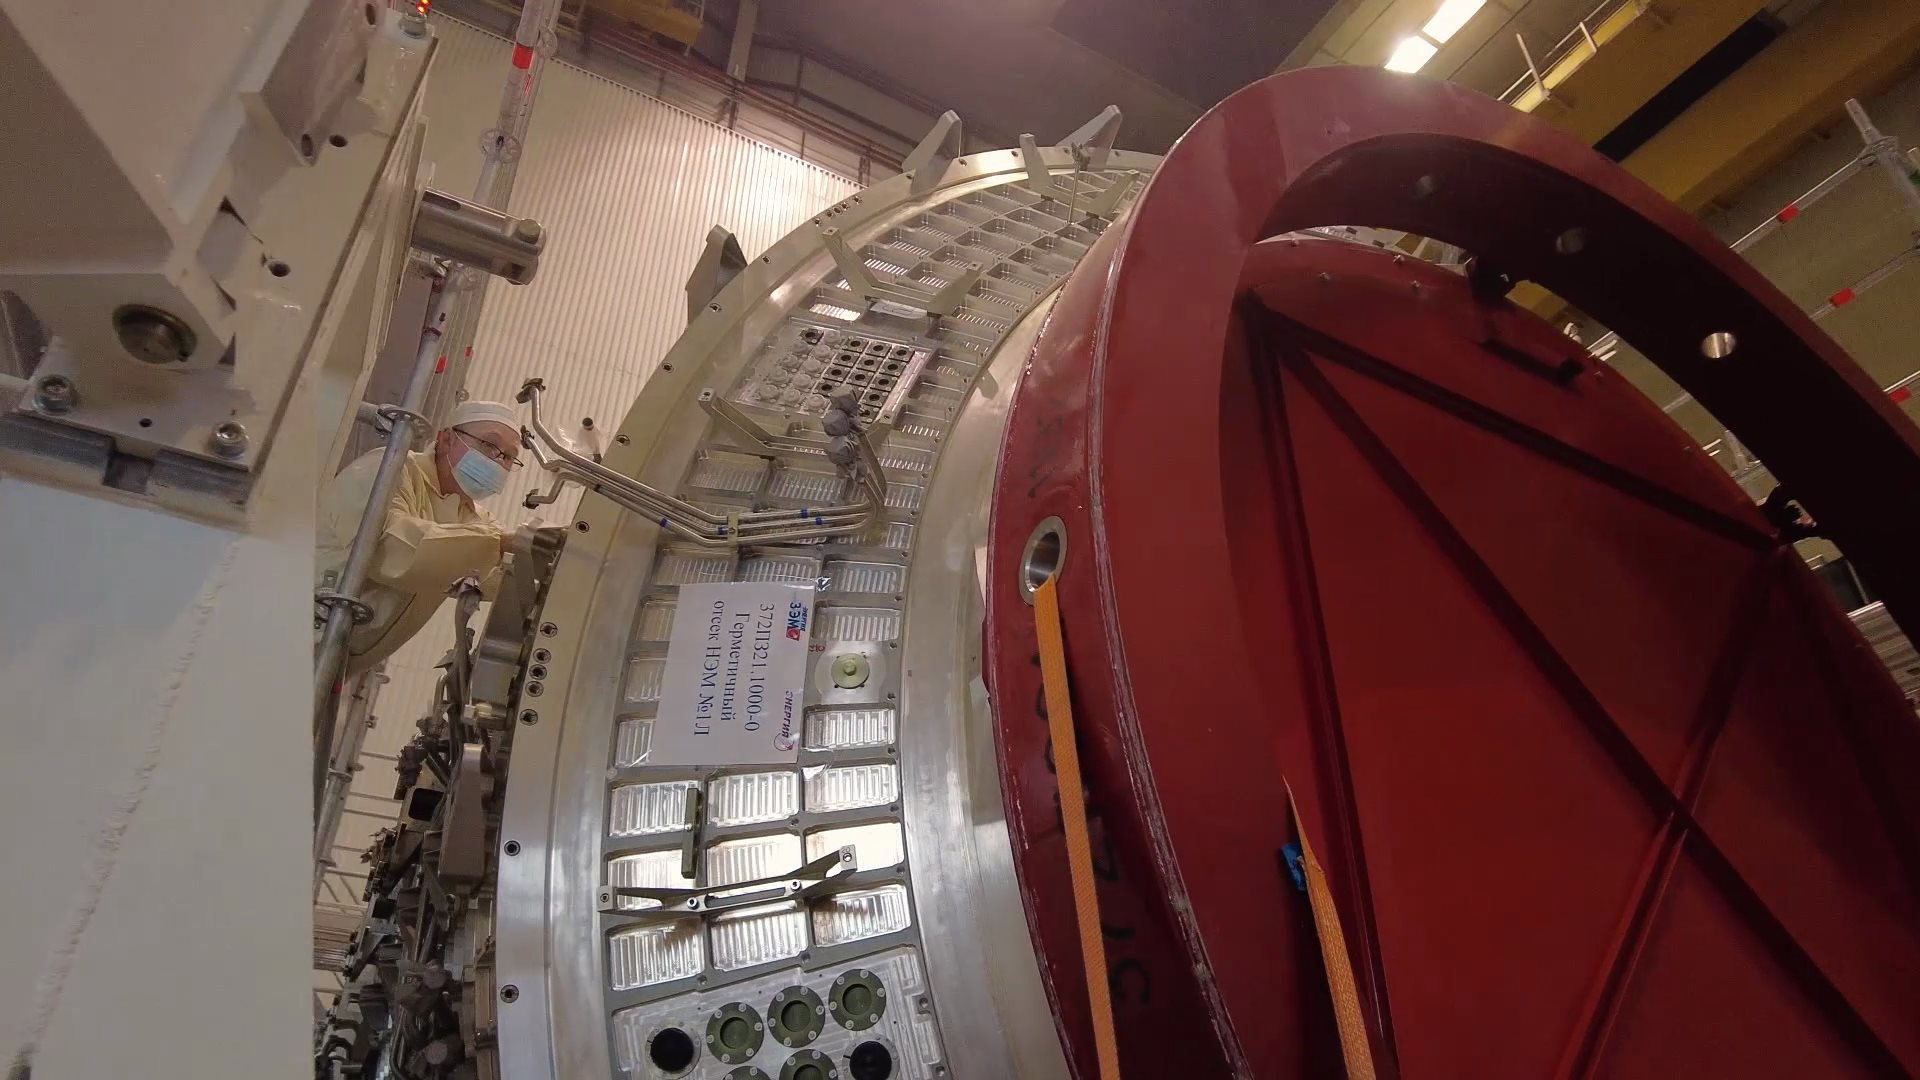 Rusya Uzay Dairesi'nin başkanı, istasyonun ilk modülü olduğunu söylediği bu görüntüleri paylaştı.